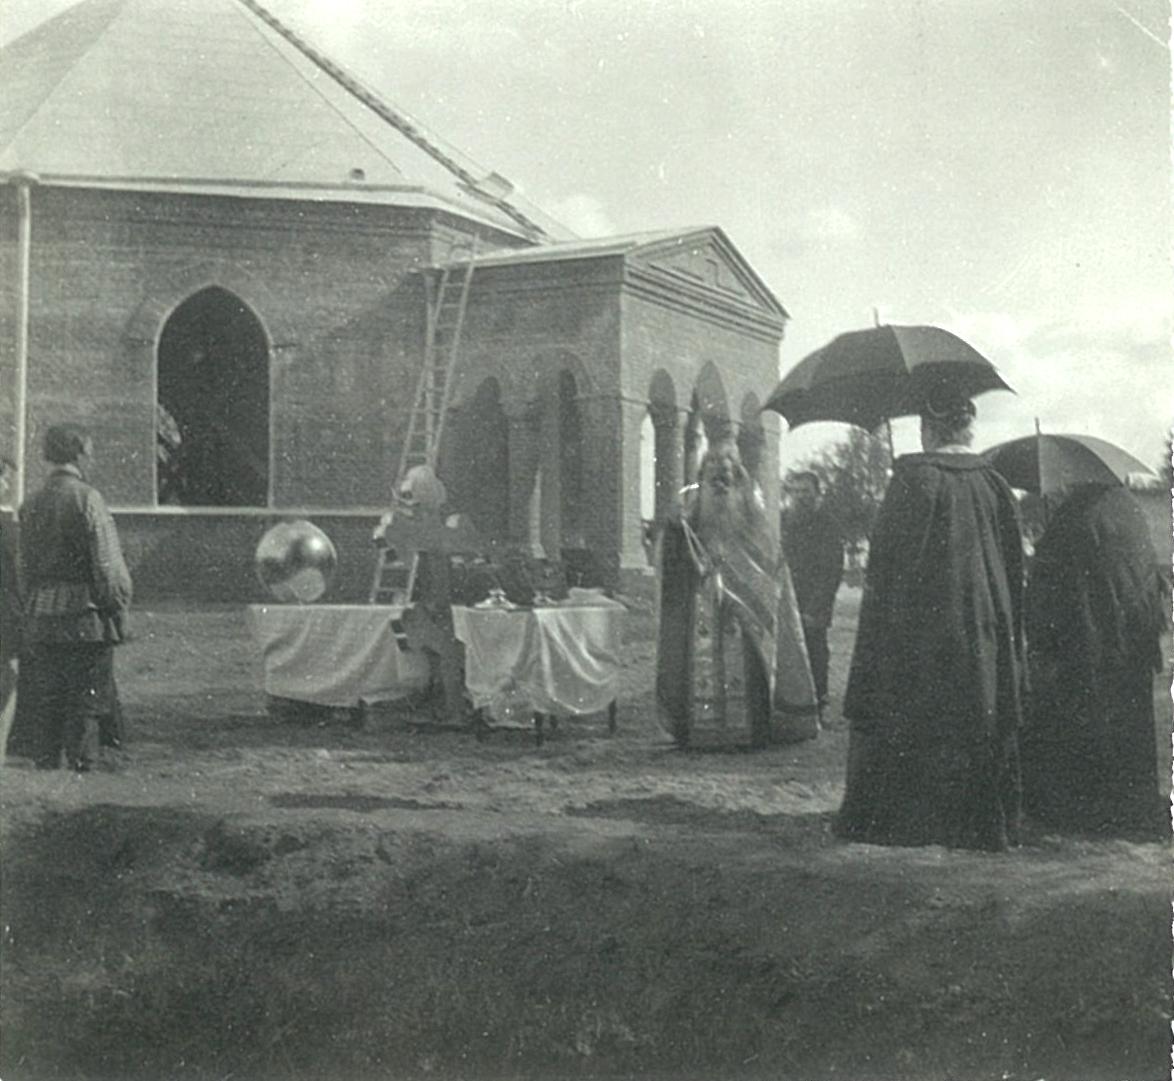 1899. Освящение креста для купола церкви Спаса Нерукотворного в Рябово